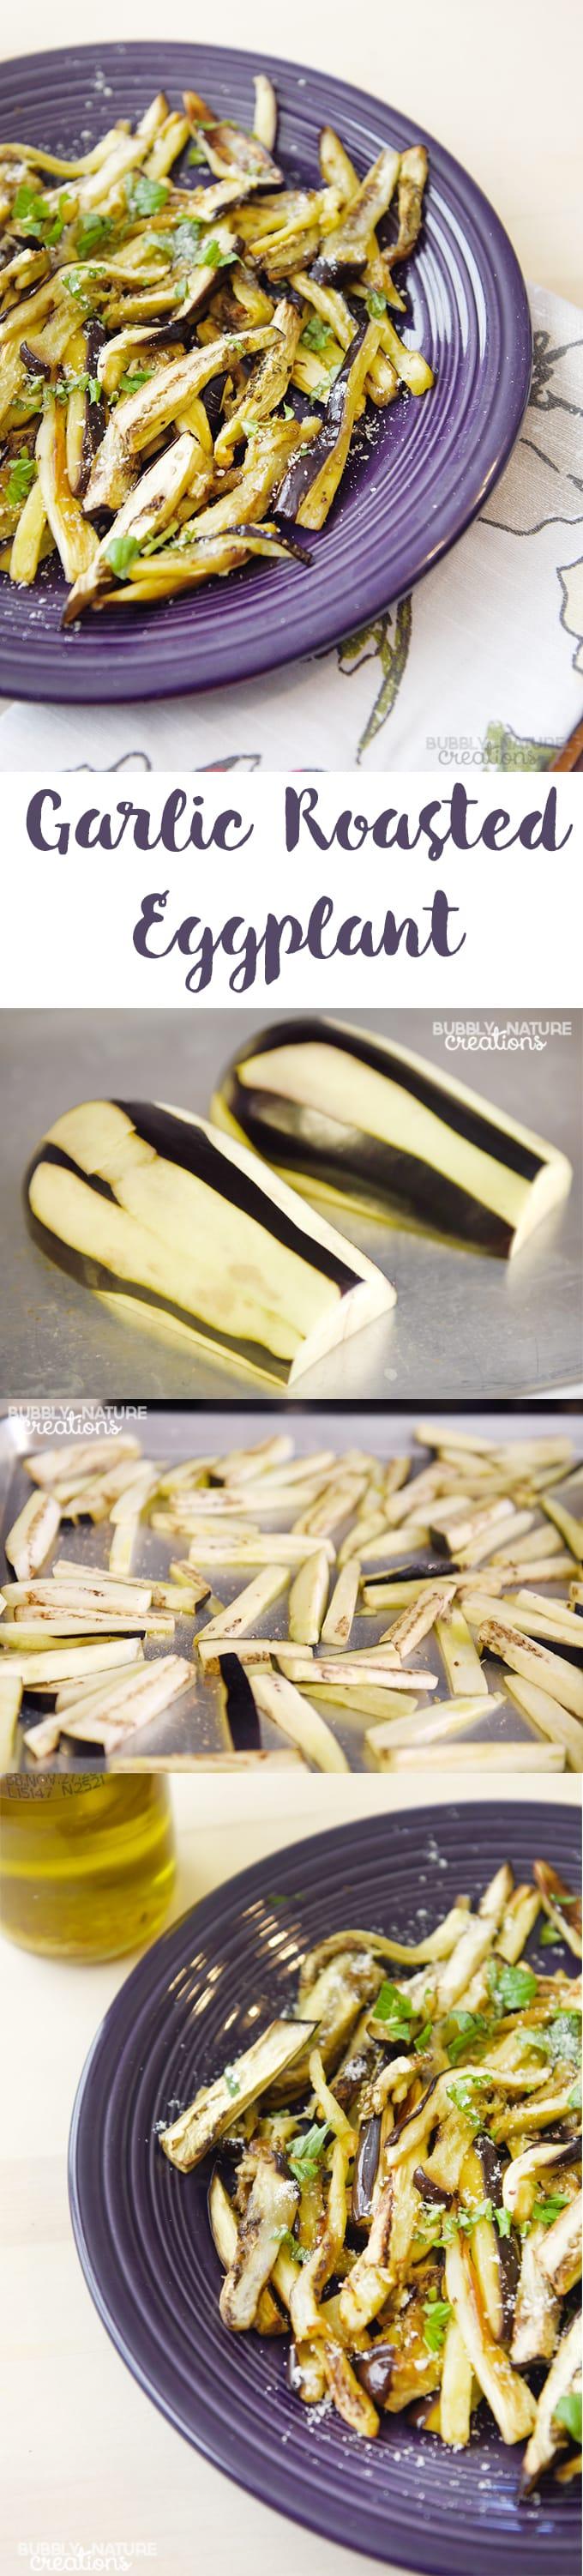 Garlic Roasted Eggplant